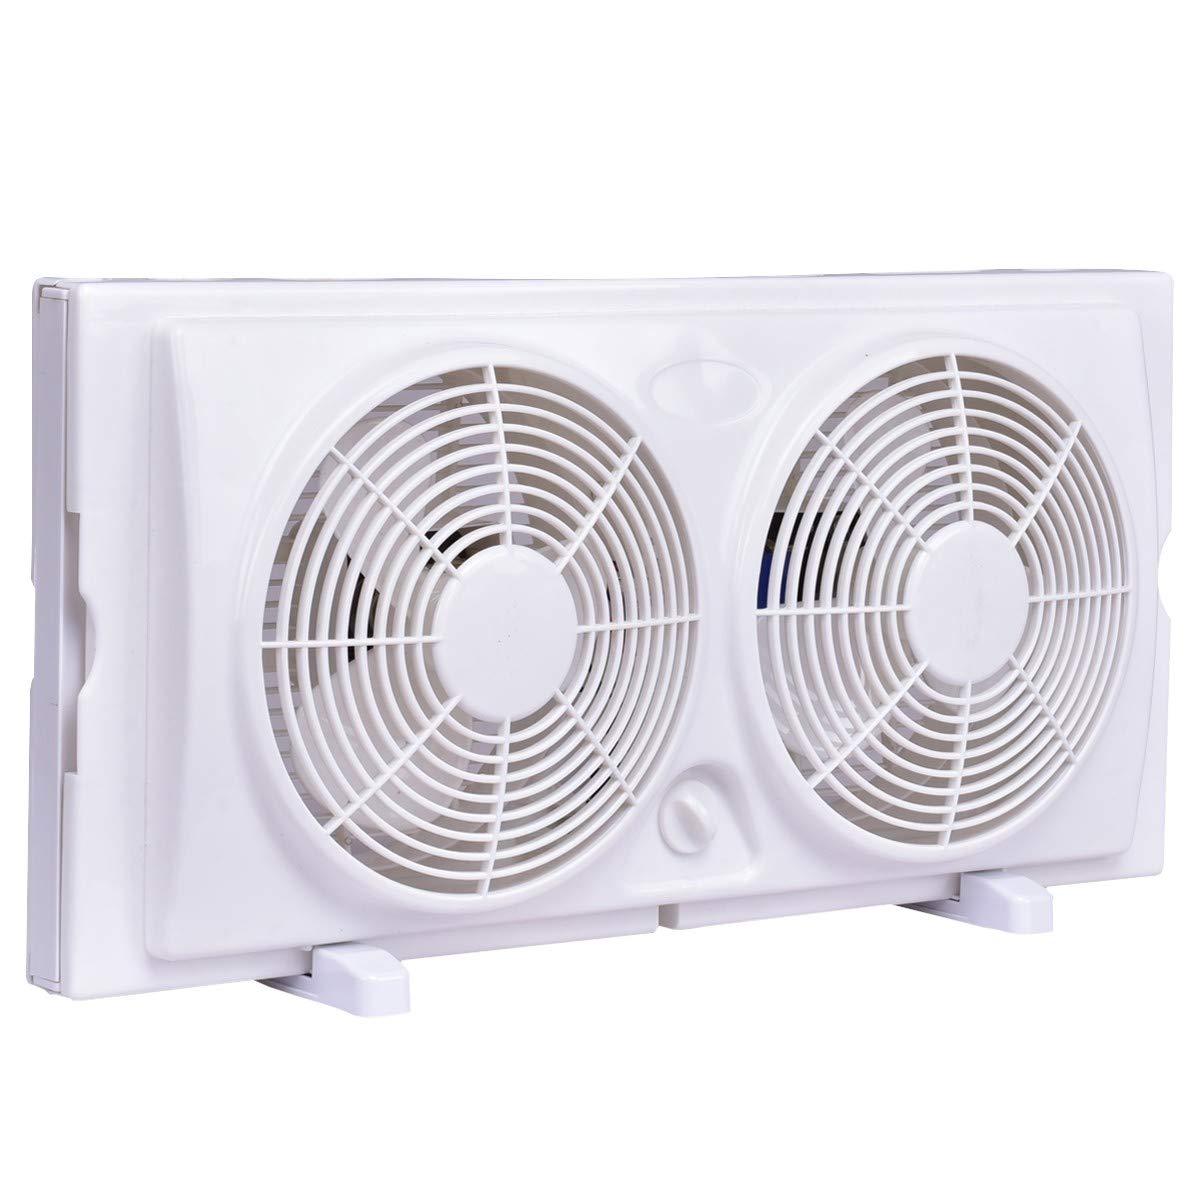 Imtinanz Modern Style 7 2-Speed Reversible Dual Window/Floor Fan